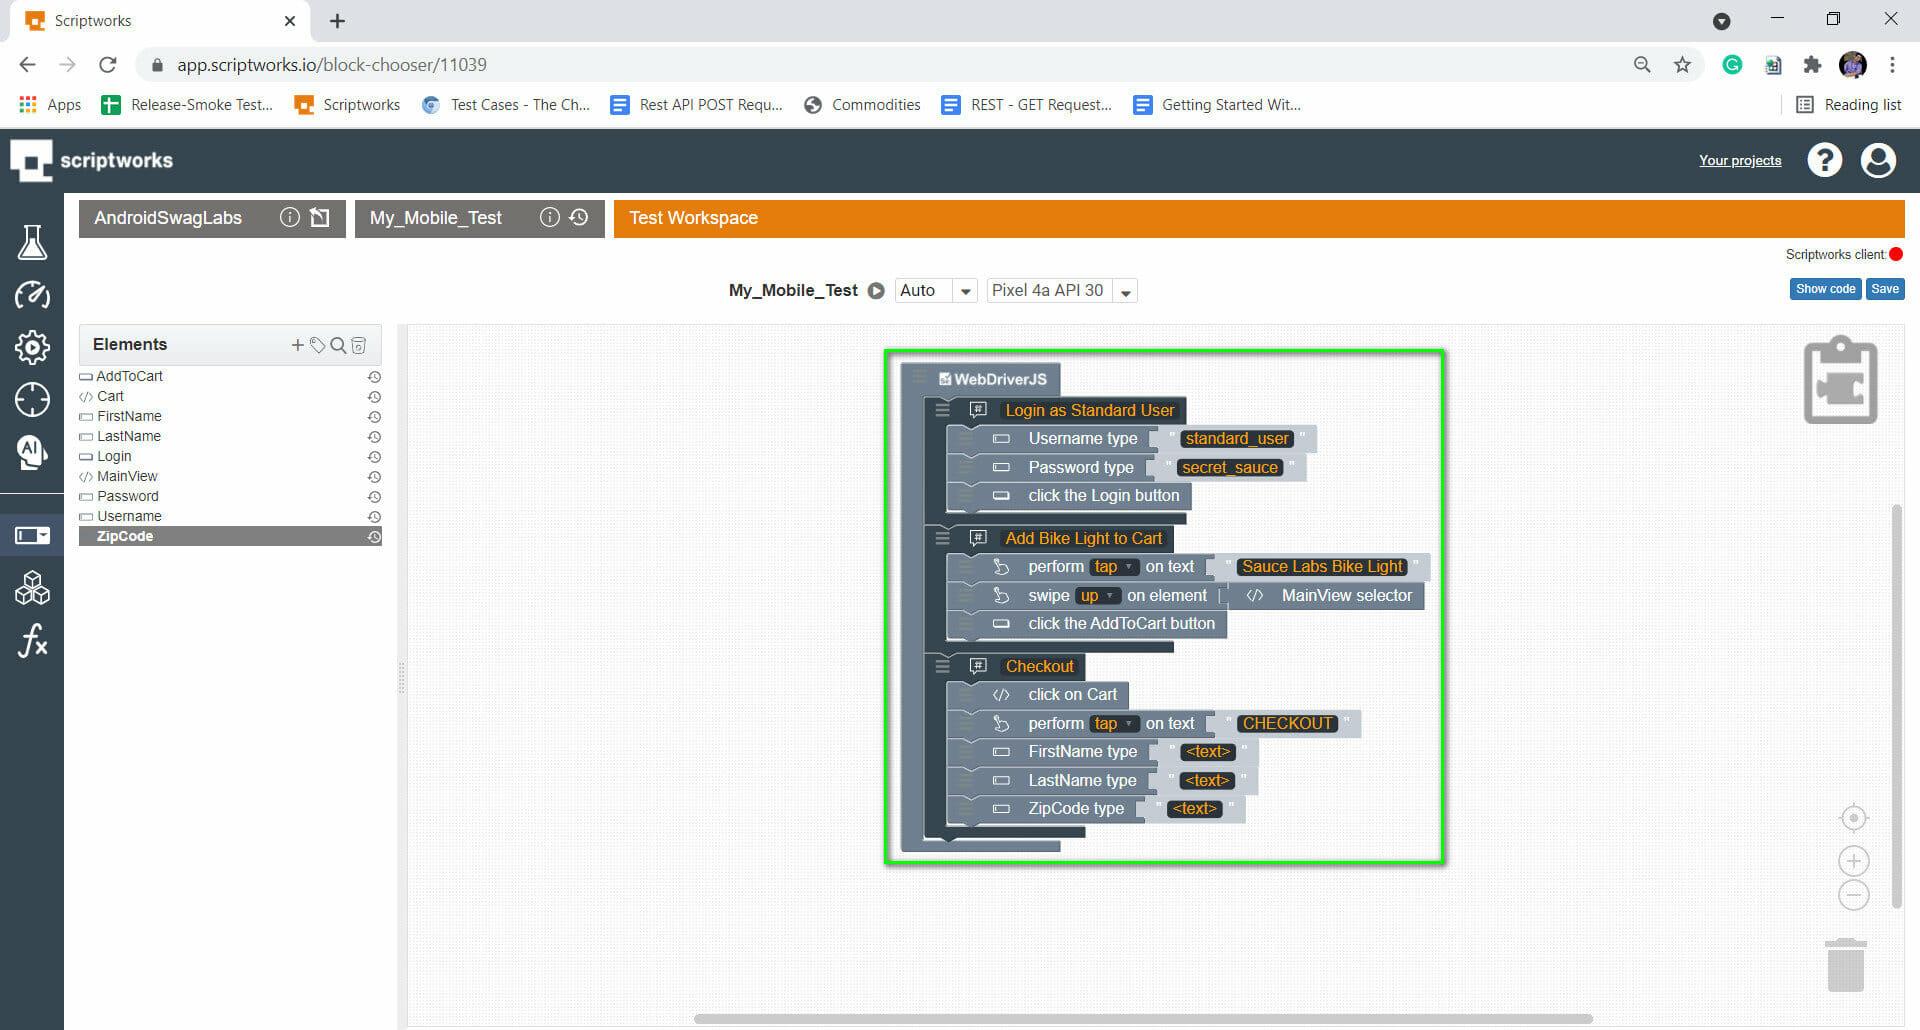 Screenshot of firstname,lastname etc